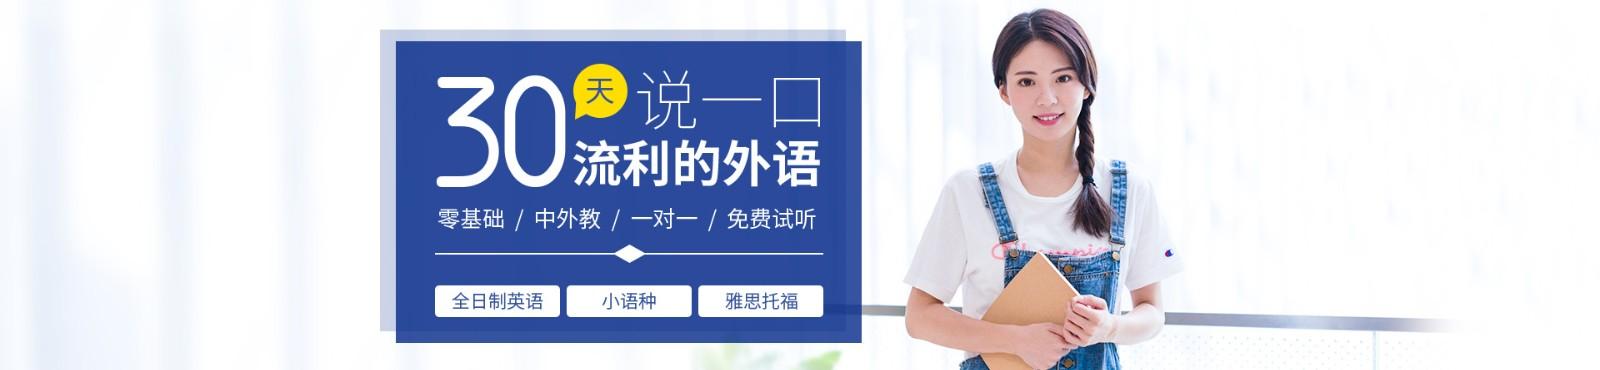 上海日韩道betway体育app学校 横幅广告